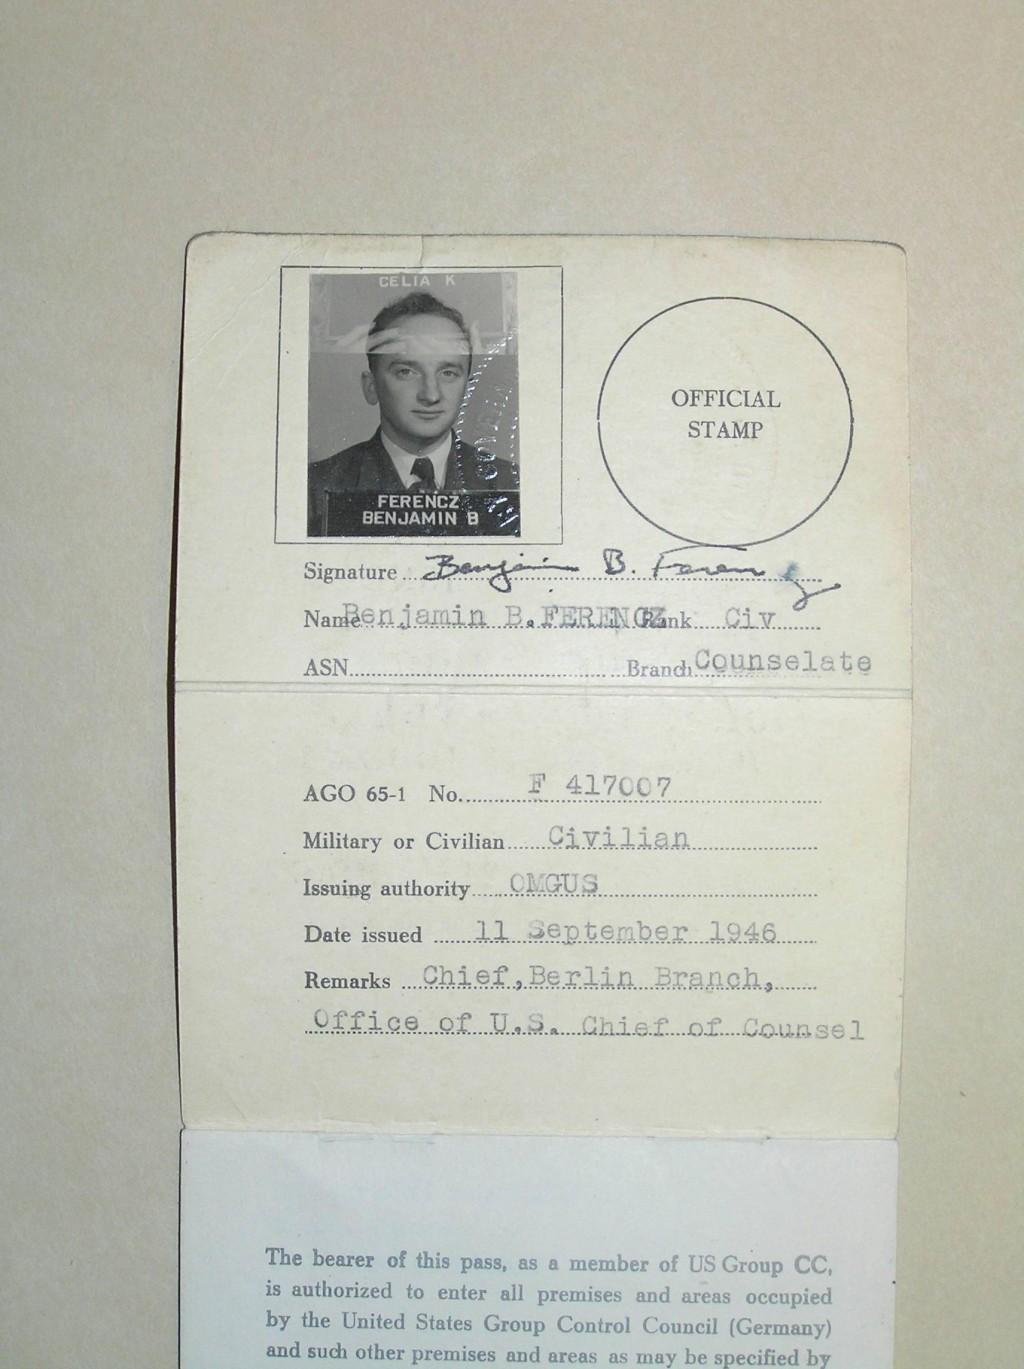 Ben Ferencz's pass [LCID: 2005ku0z]